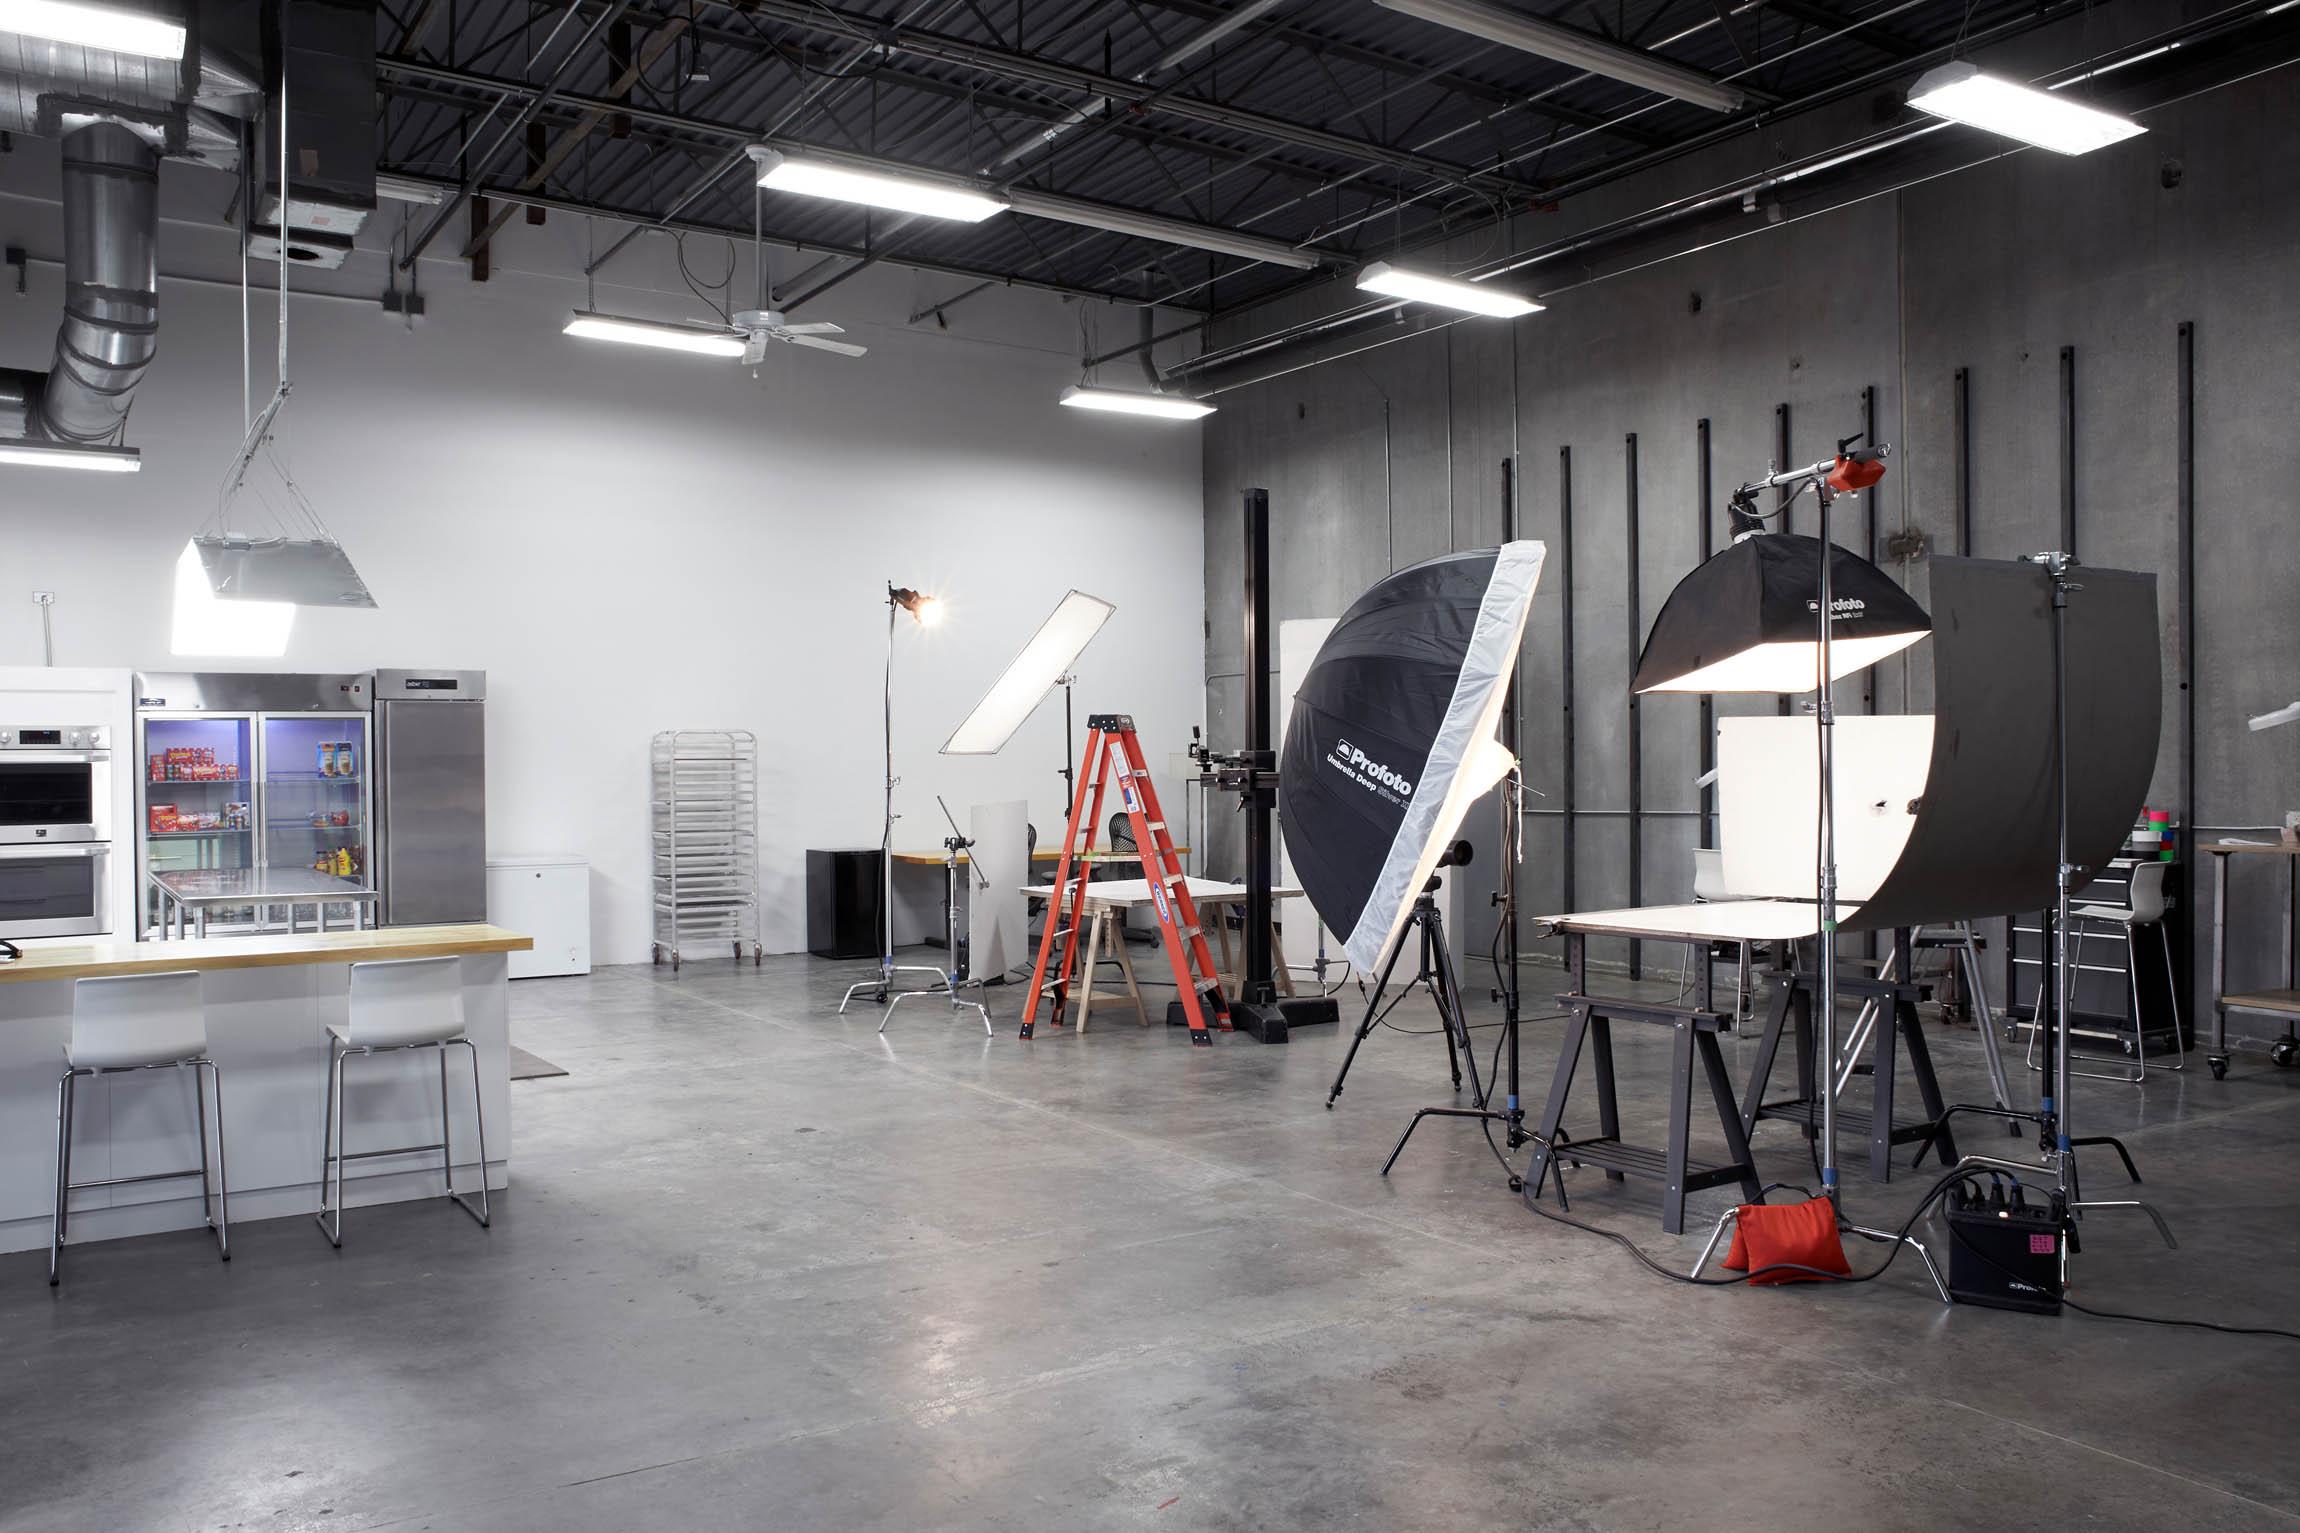 An active photo shooting studio - OMS Photo's Golden Colorado photo studio